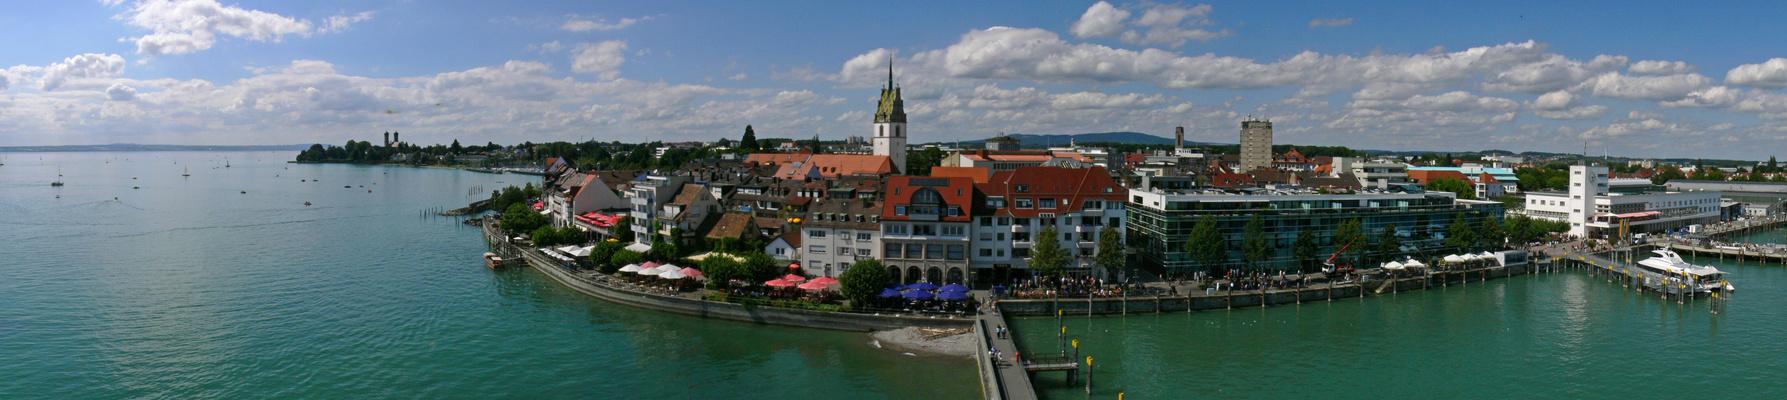 Friedrichshafen Panorama